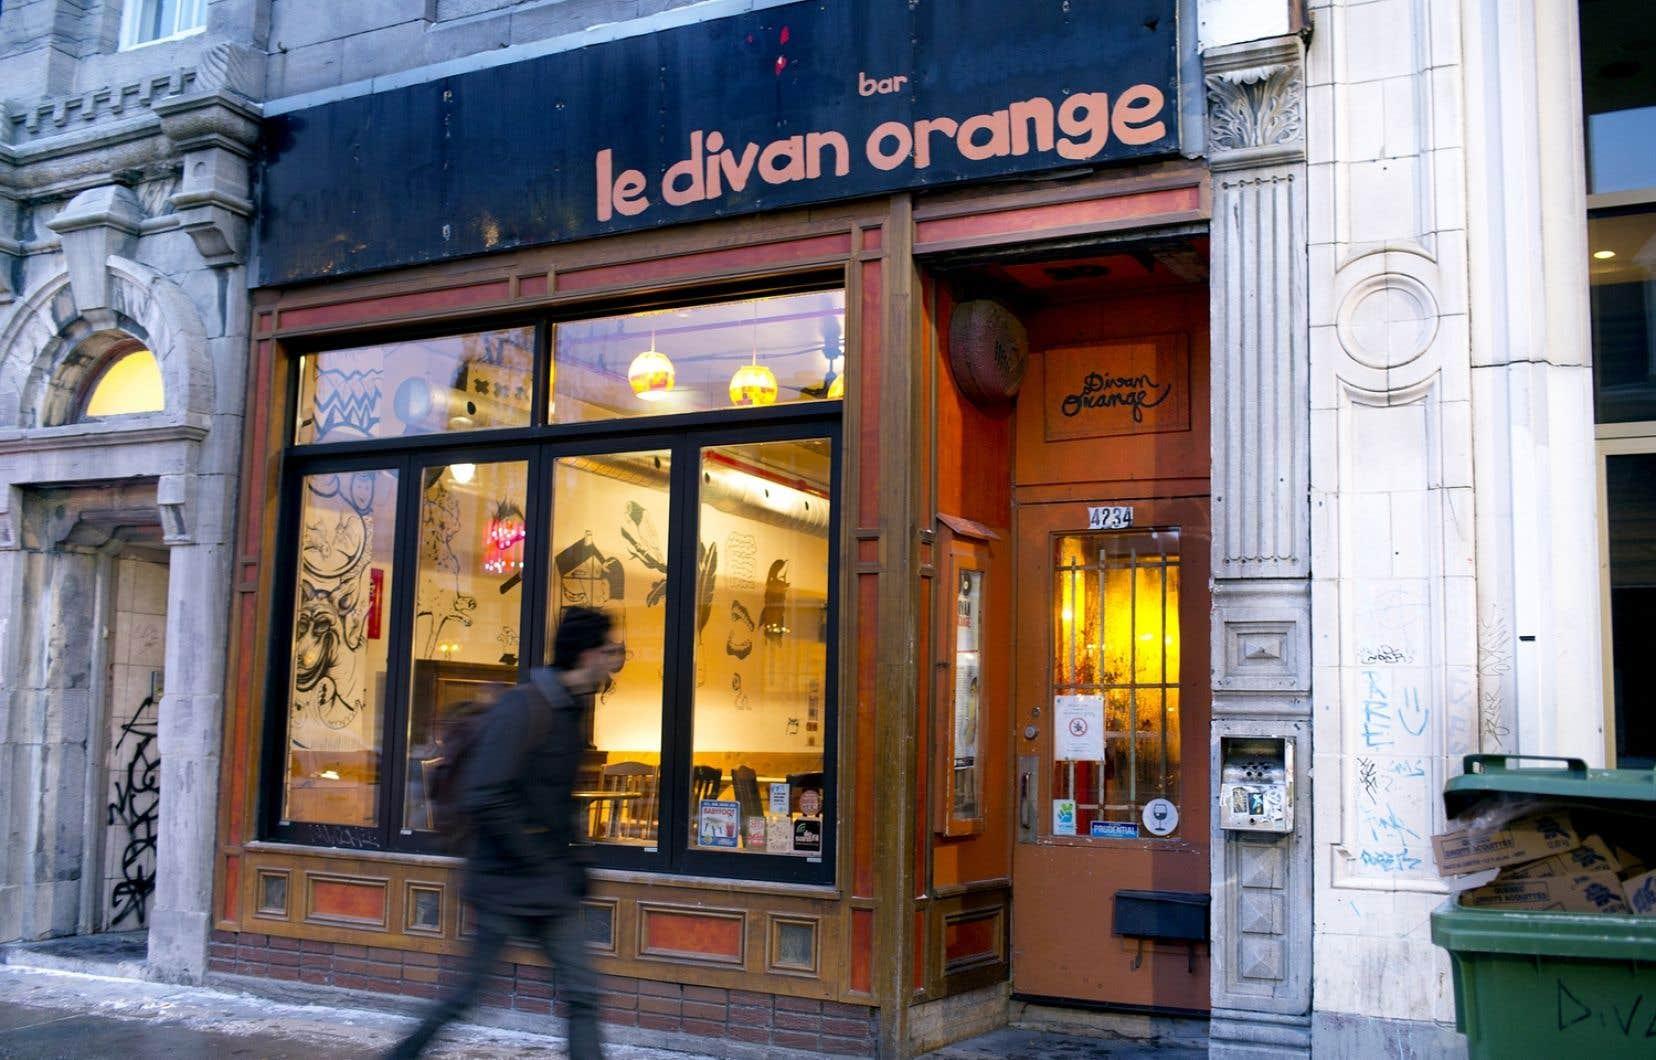 C'est le rassemblement autour de l'avenir des petits lieux de diffusion qui retient l'attention, en raison, entre autres, de la récente annonce de fermeture du Divan orange.